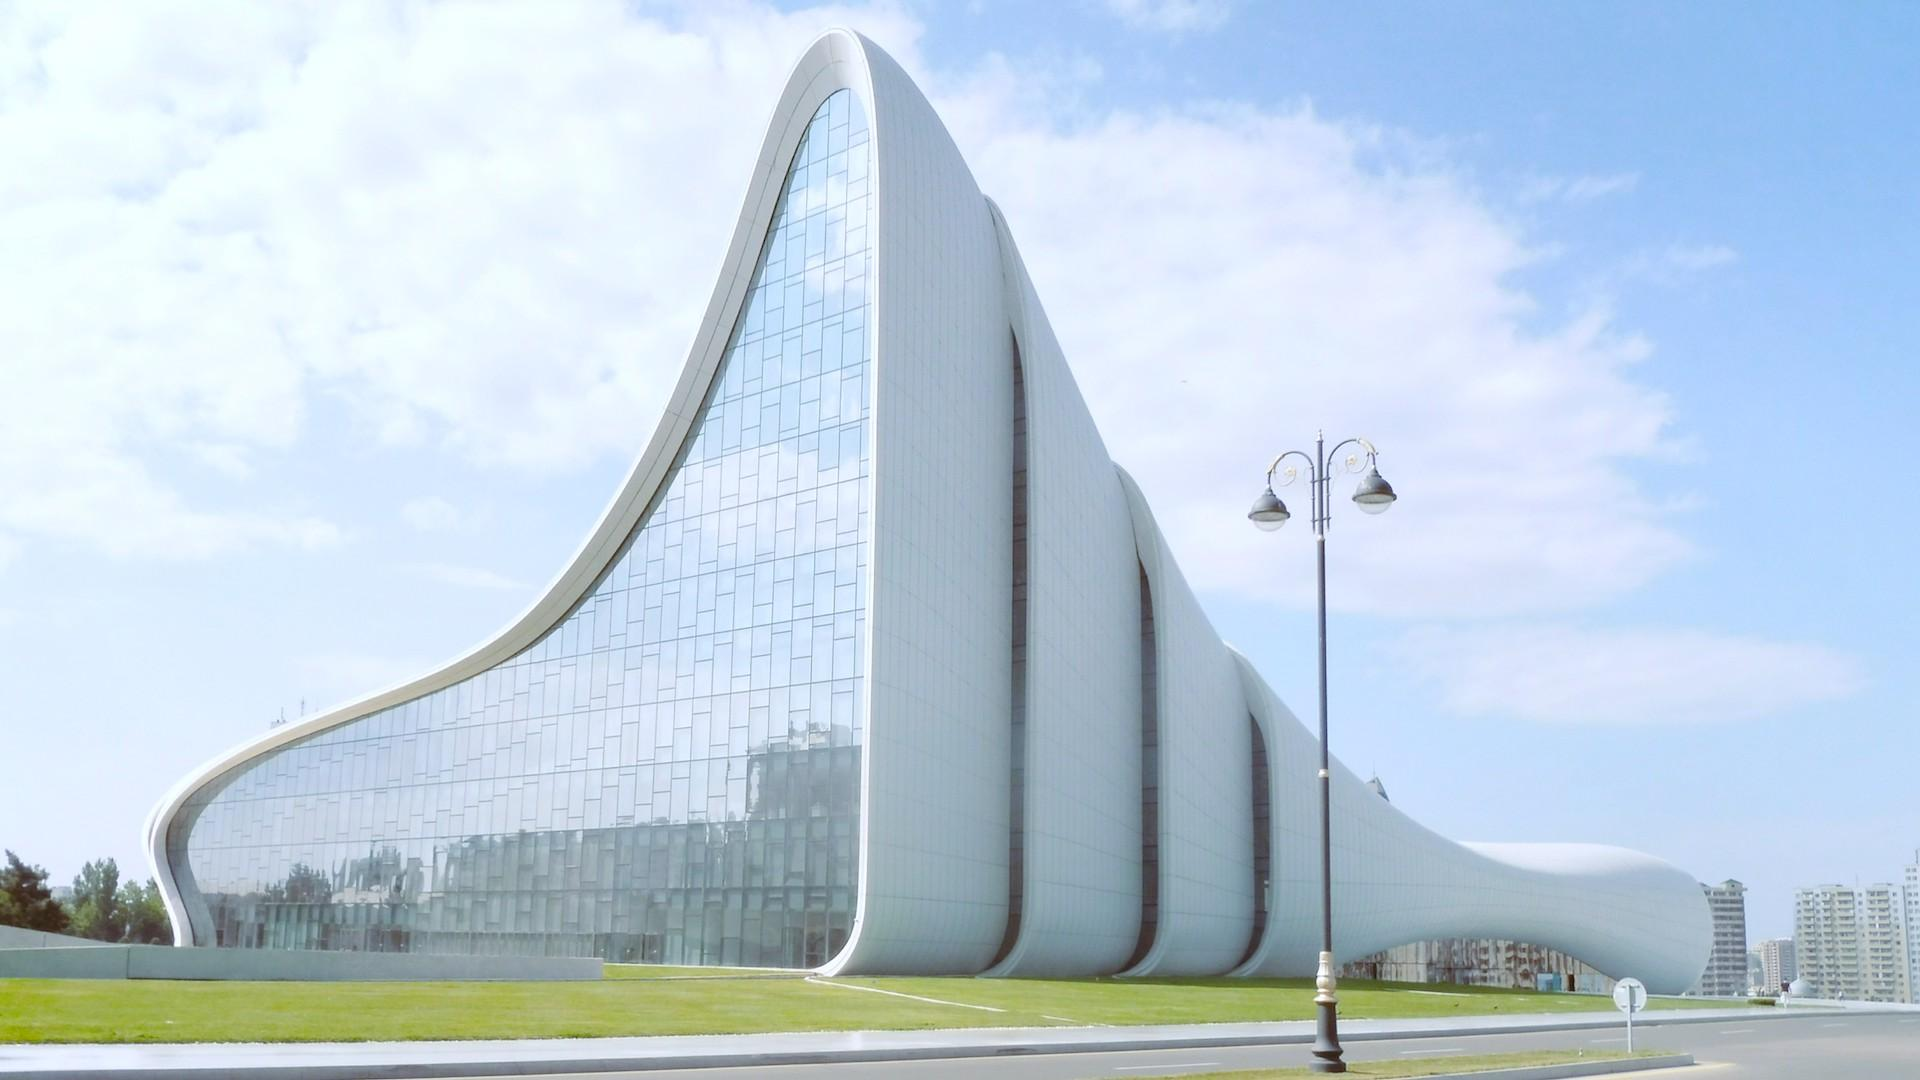 Bakú, la capital de Azerbaiyán, que sorprende por sus construcciones